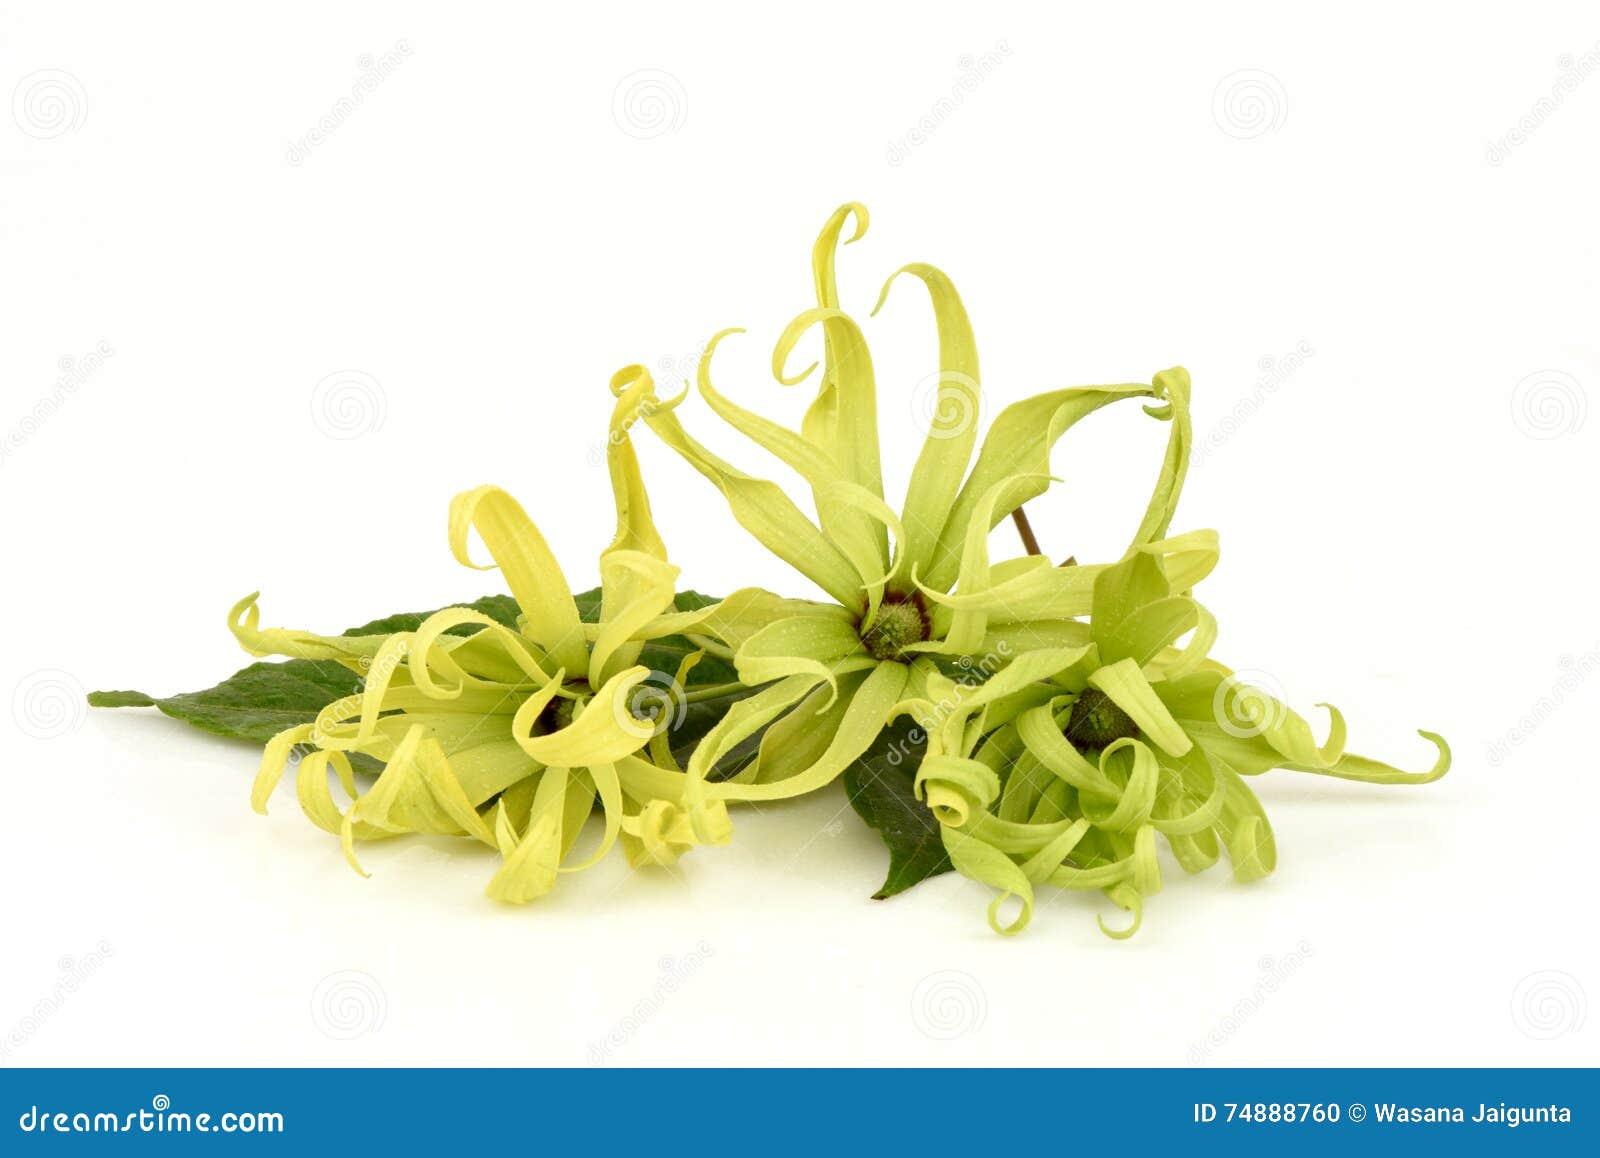 Ylang ylang nano, Ilang - Ilang, fruticosa del Cananga